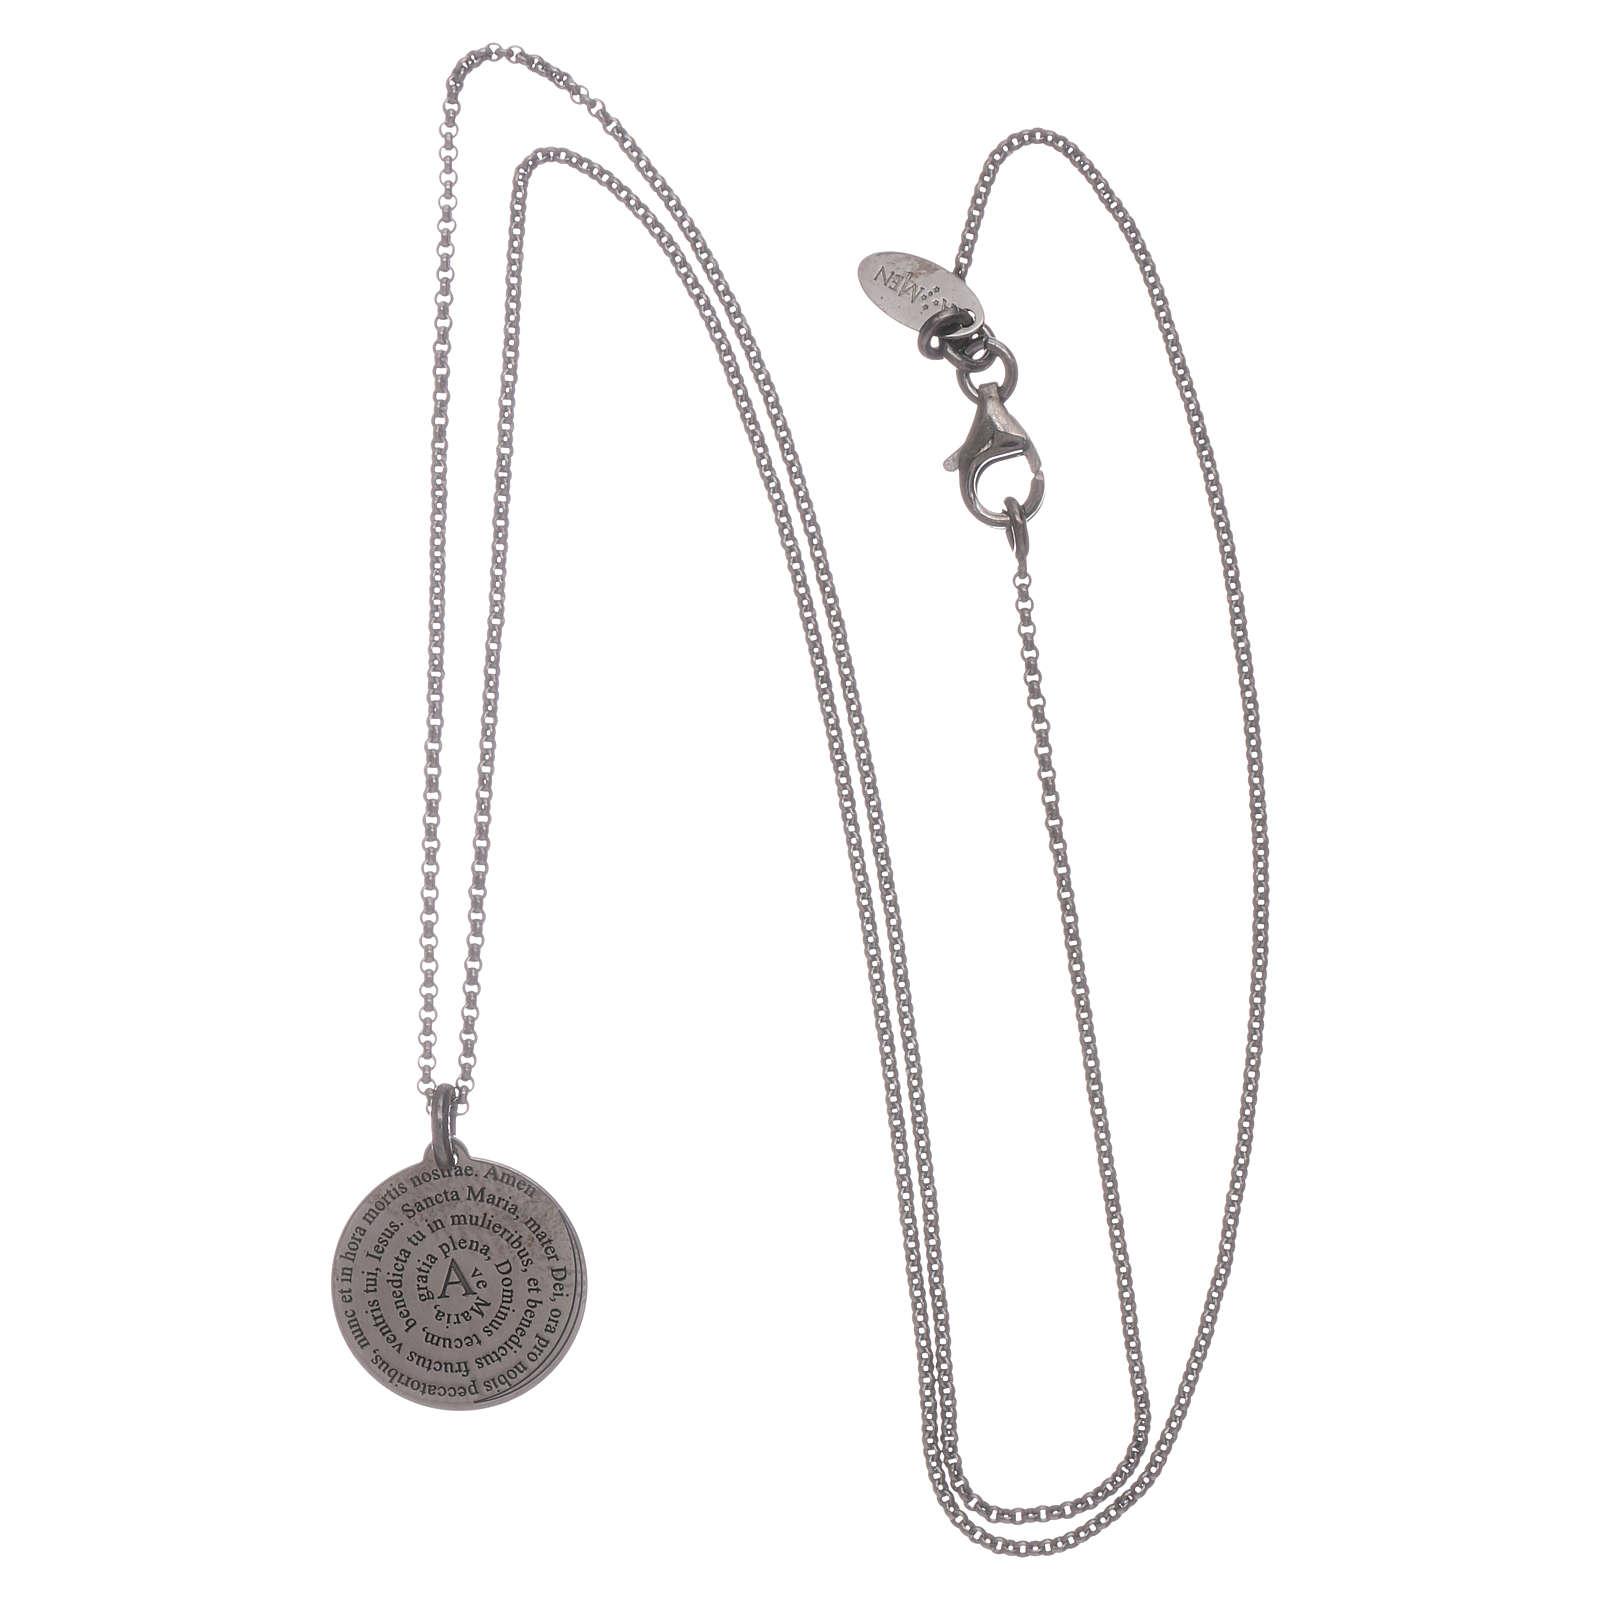 Collier Coelis Ave Maria AMEN argent 925 bruni 4